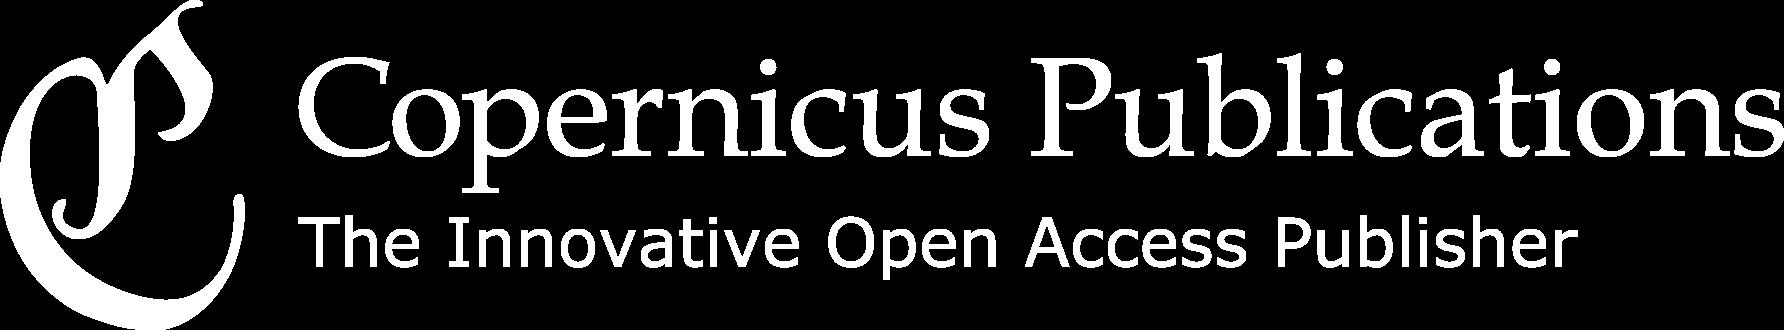 ANGEO - Discussion forum